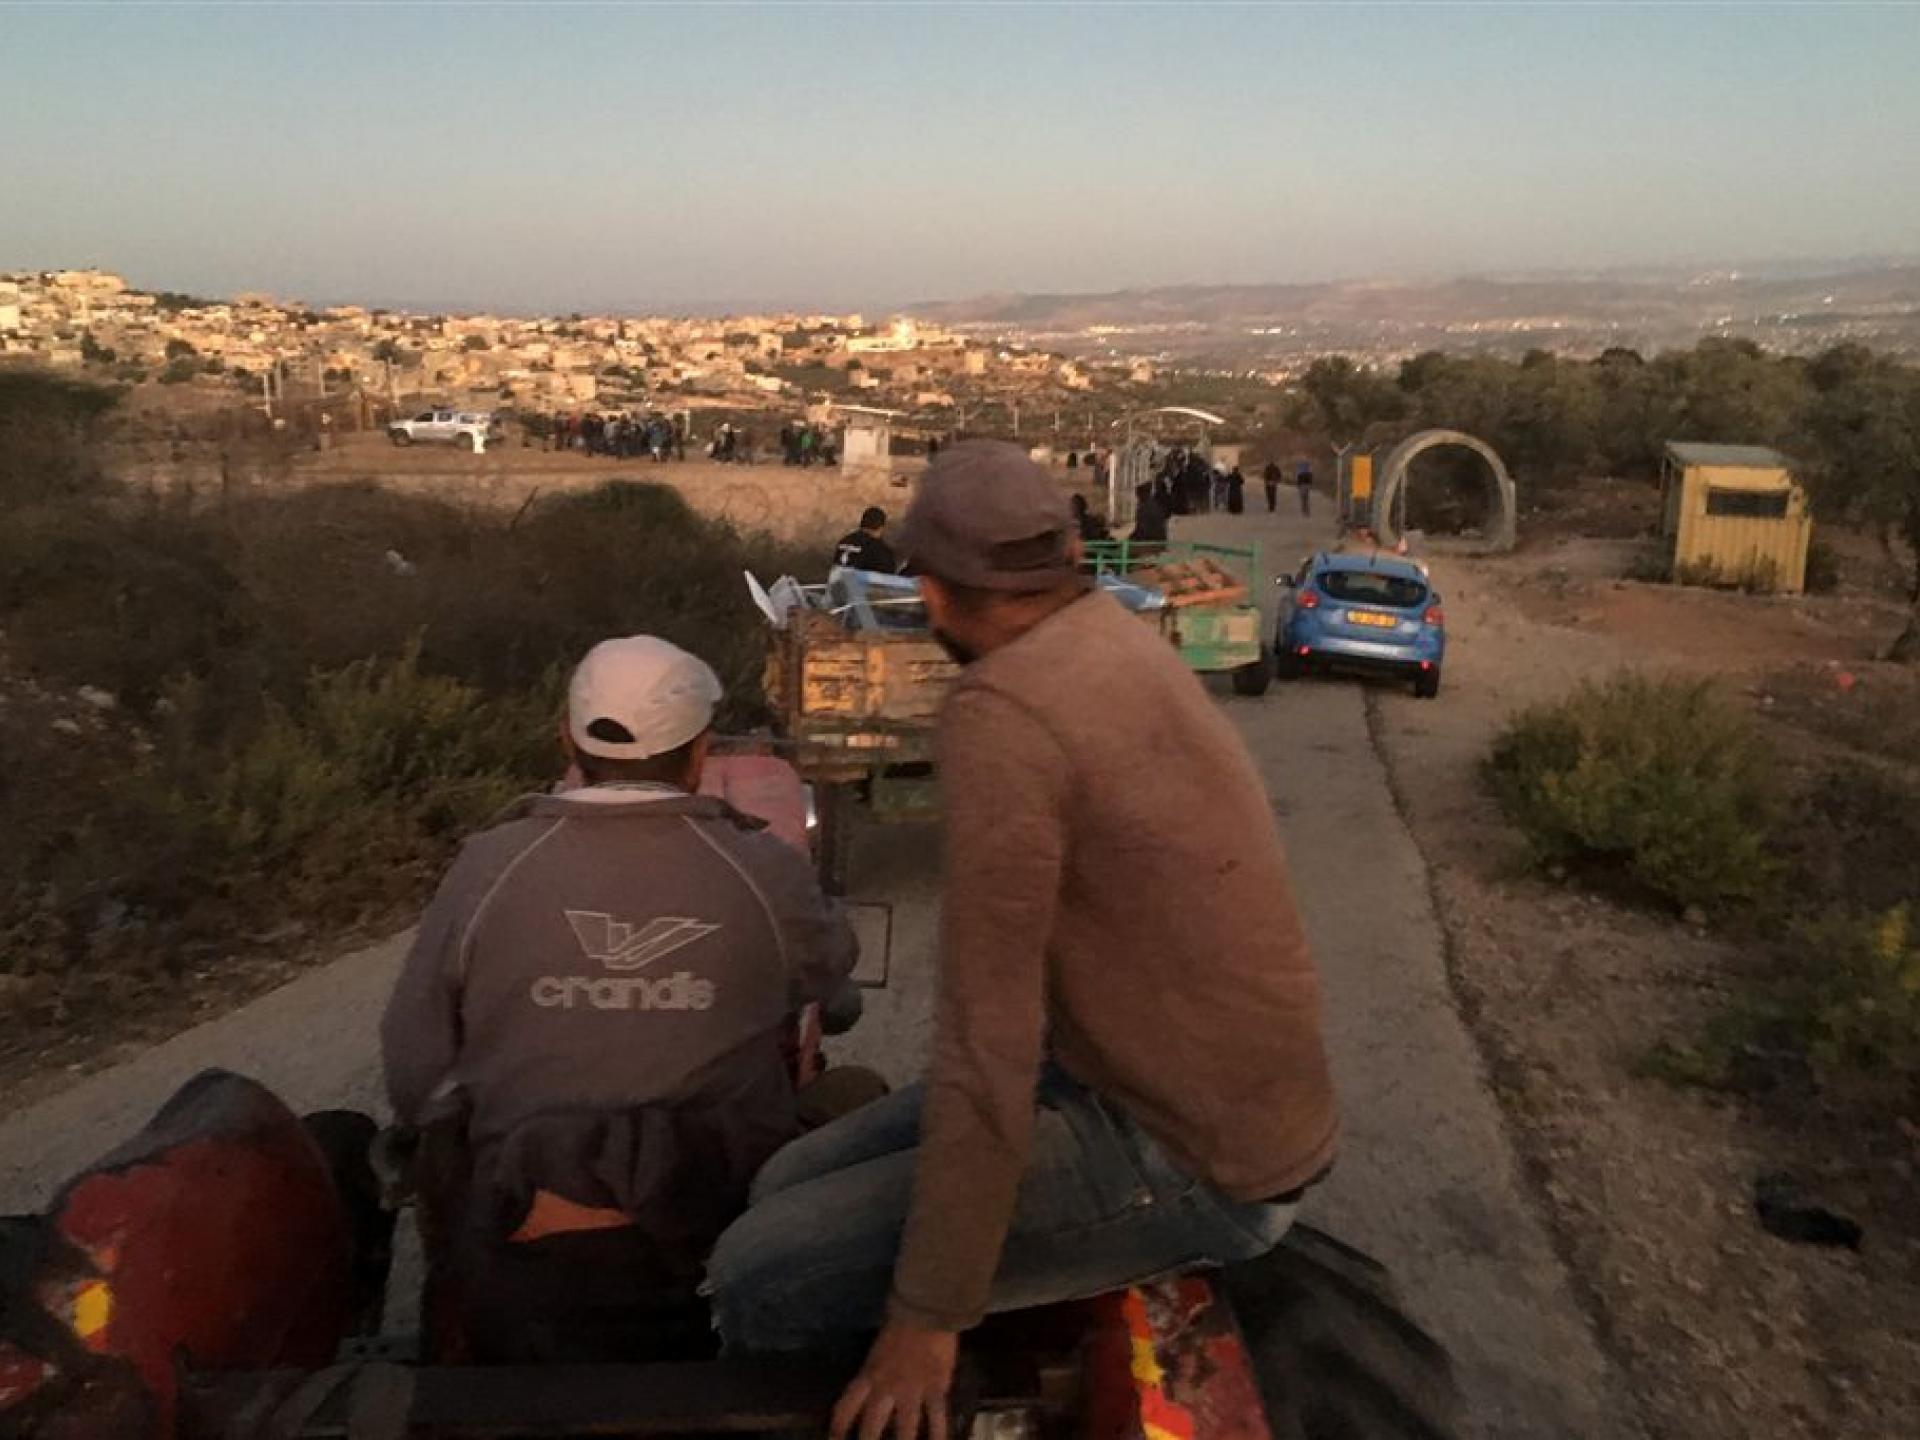 שיירה מעורבת עגלות ומכוניות לכיוון המחסום שנפתח